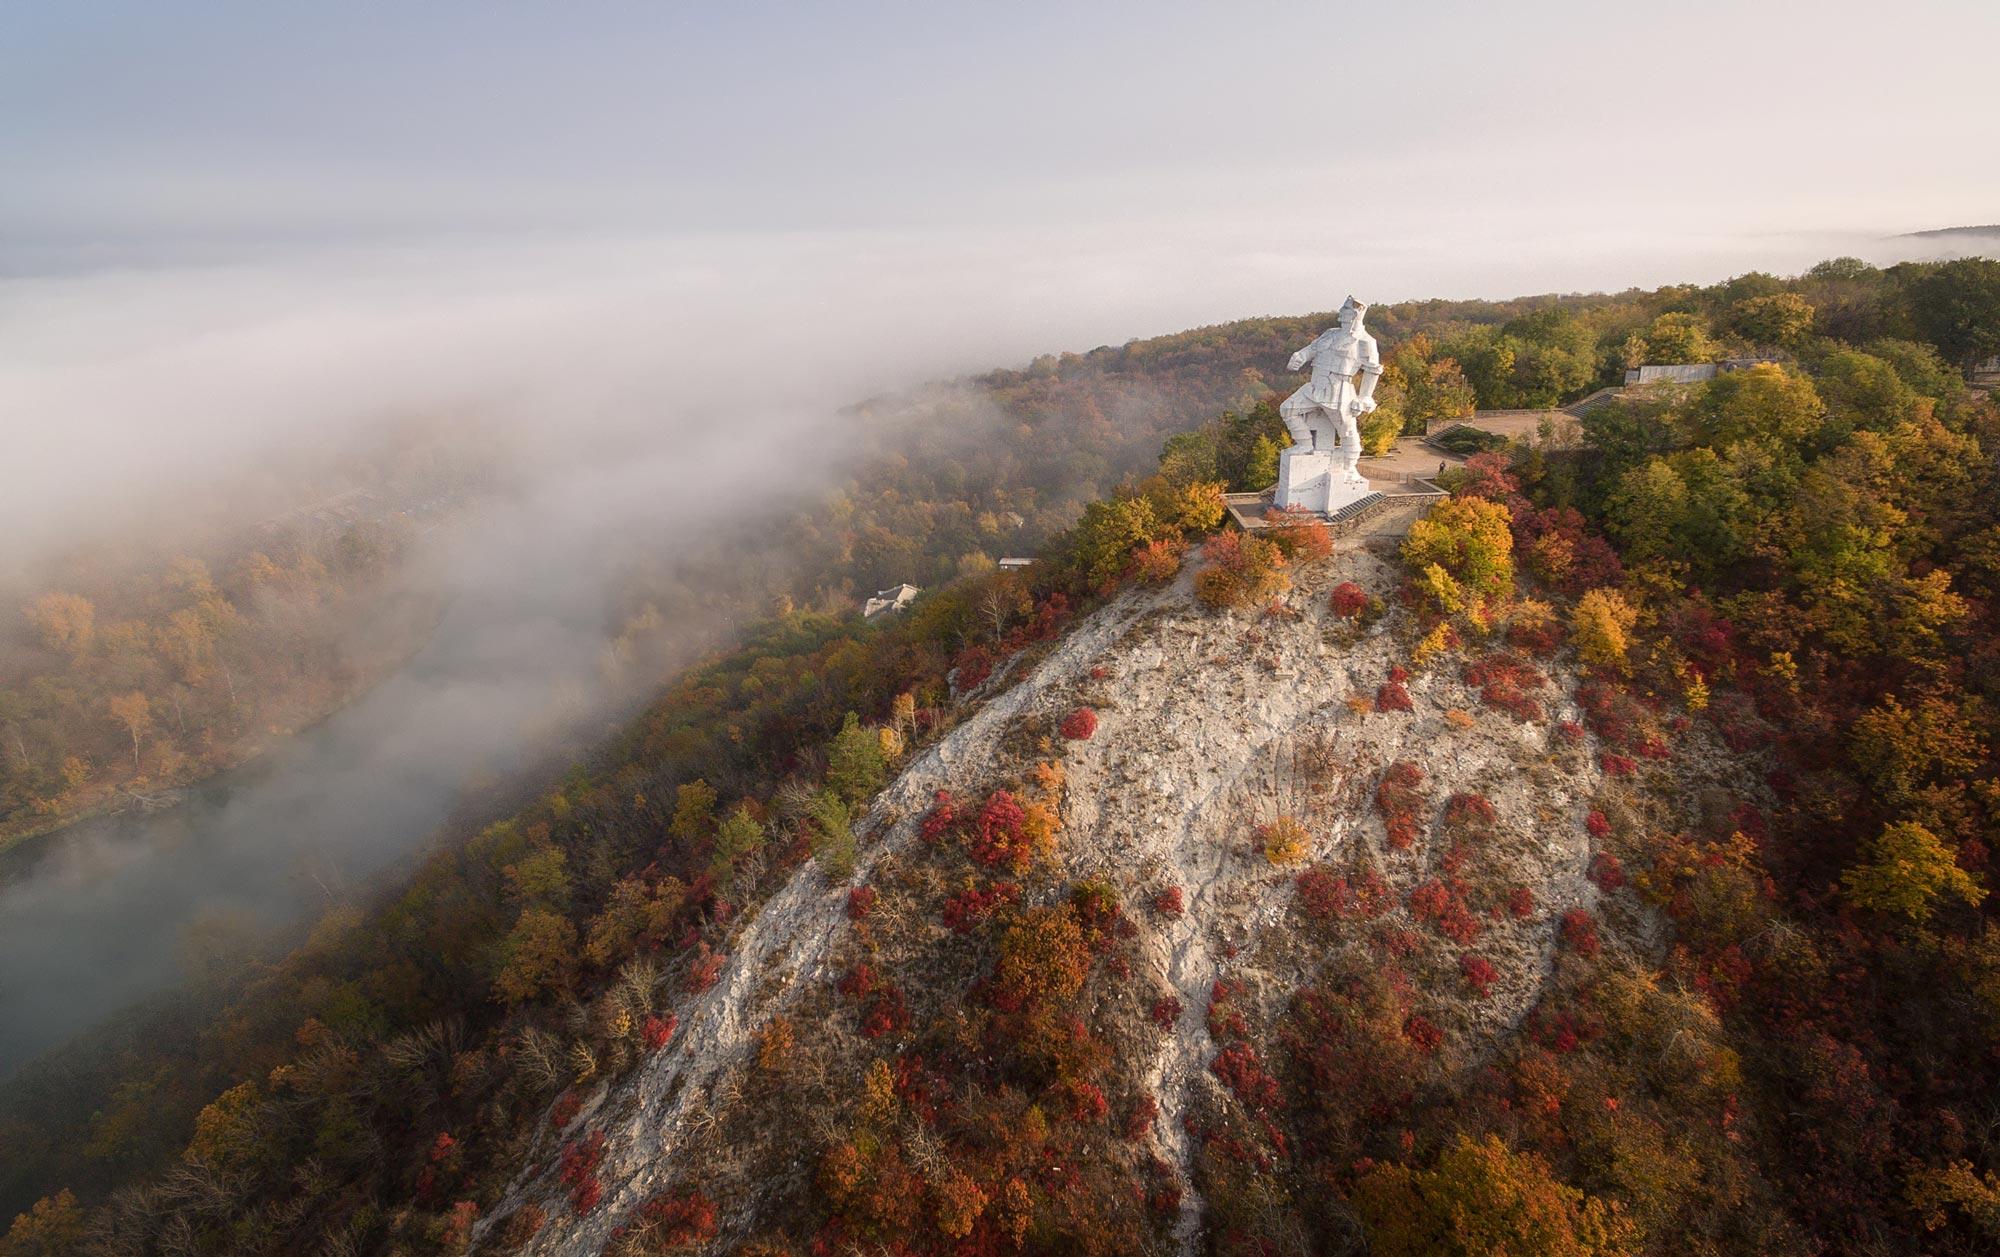 tourism in donbas artem monument - <b>Каякінг, вечірки в Маріуполі та дикий кемпінг.</b> Куди поїхати відпочивати на Донеччині - Заборона